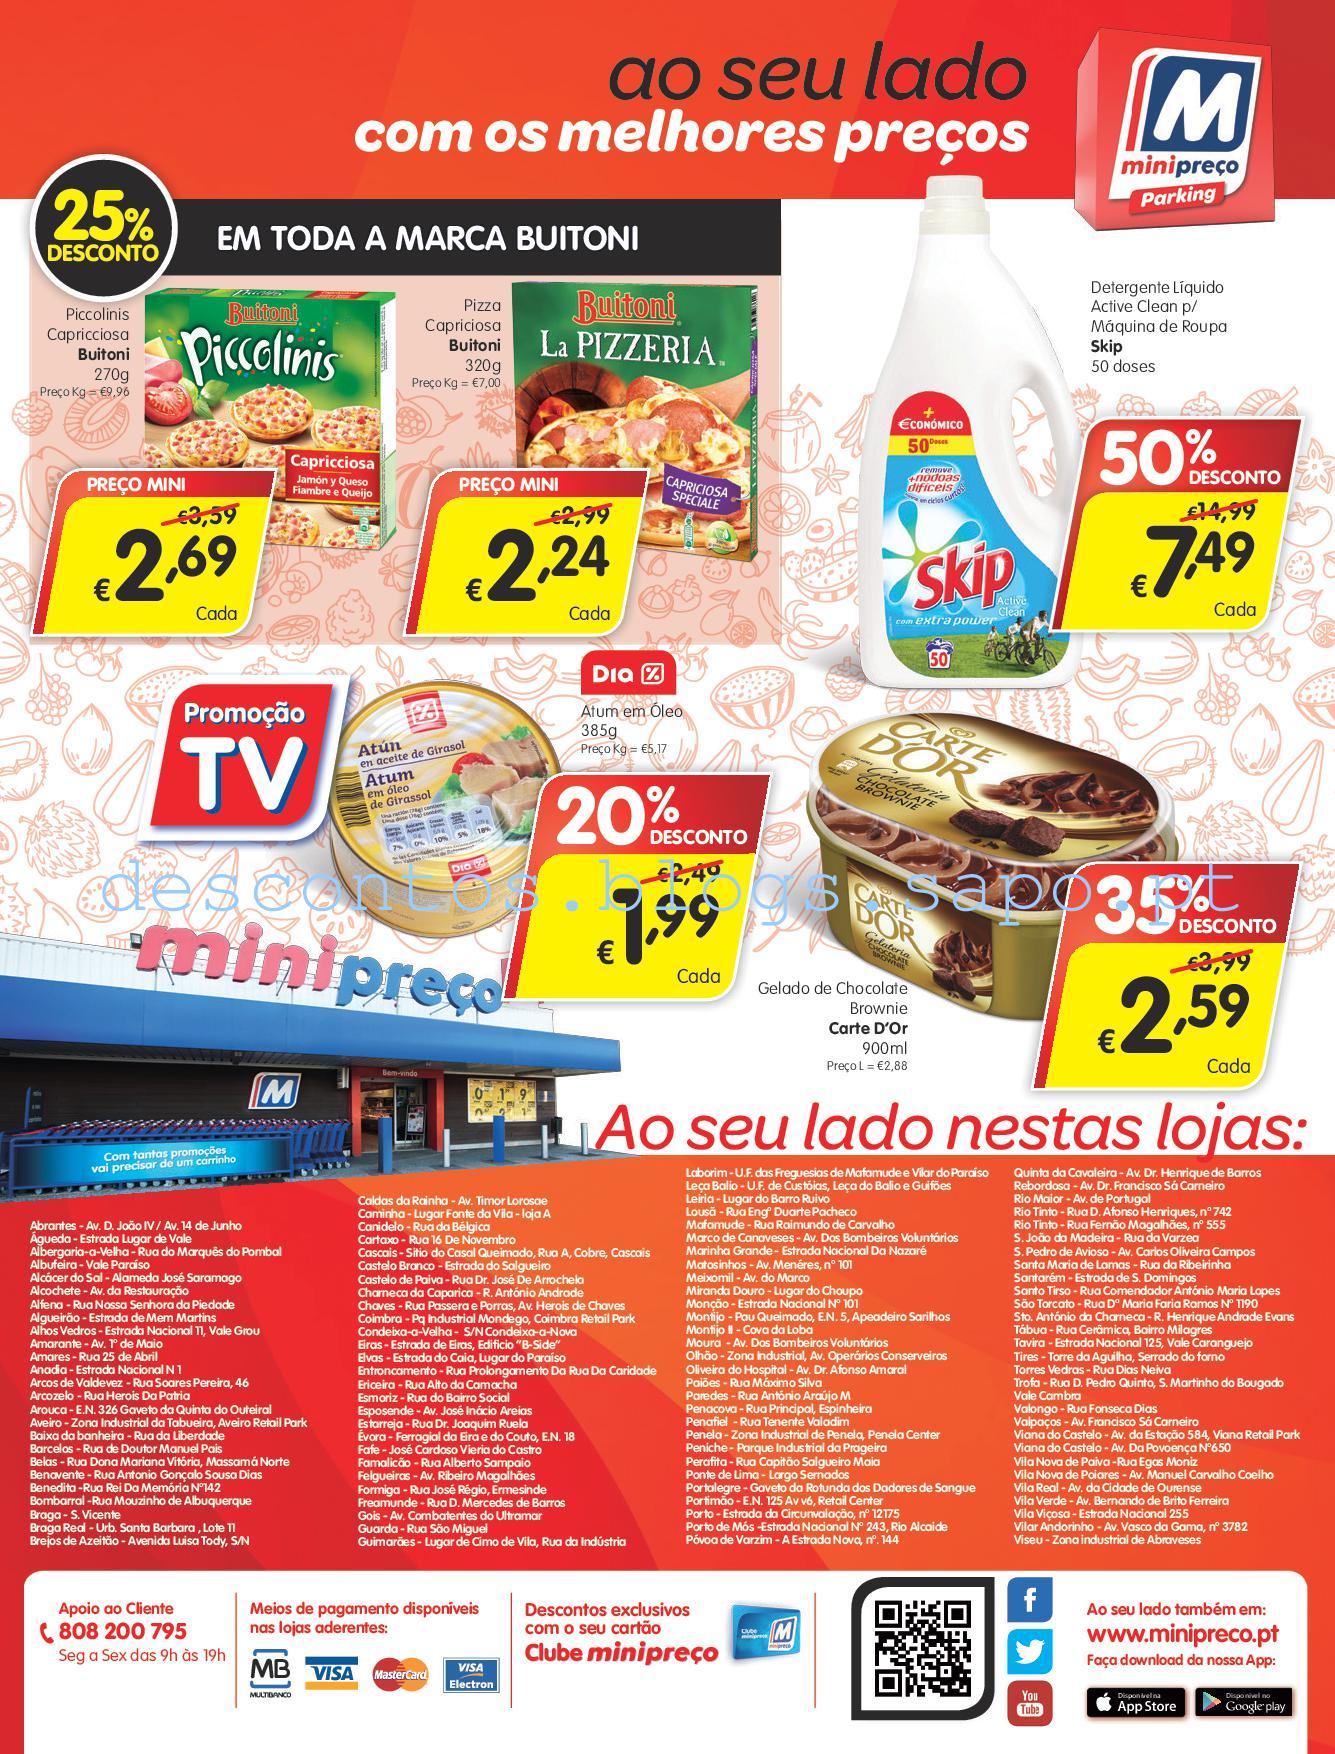 MINIPREÇO FOLHETO PARKING 23-29JulhO_v2-020.jpg